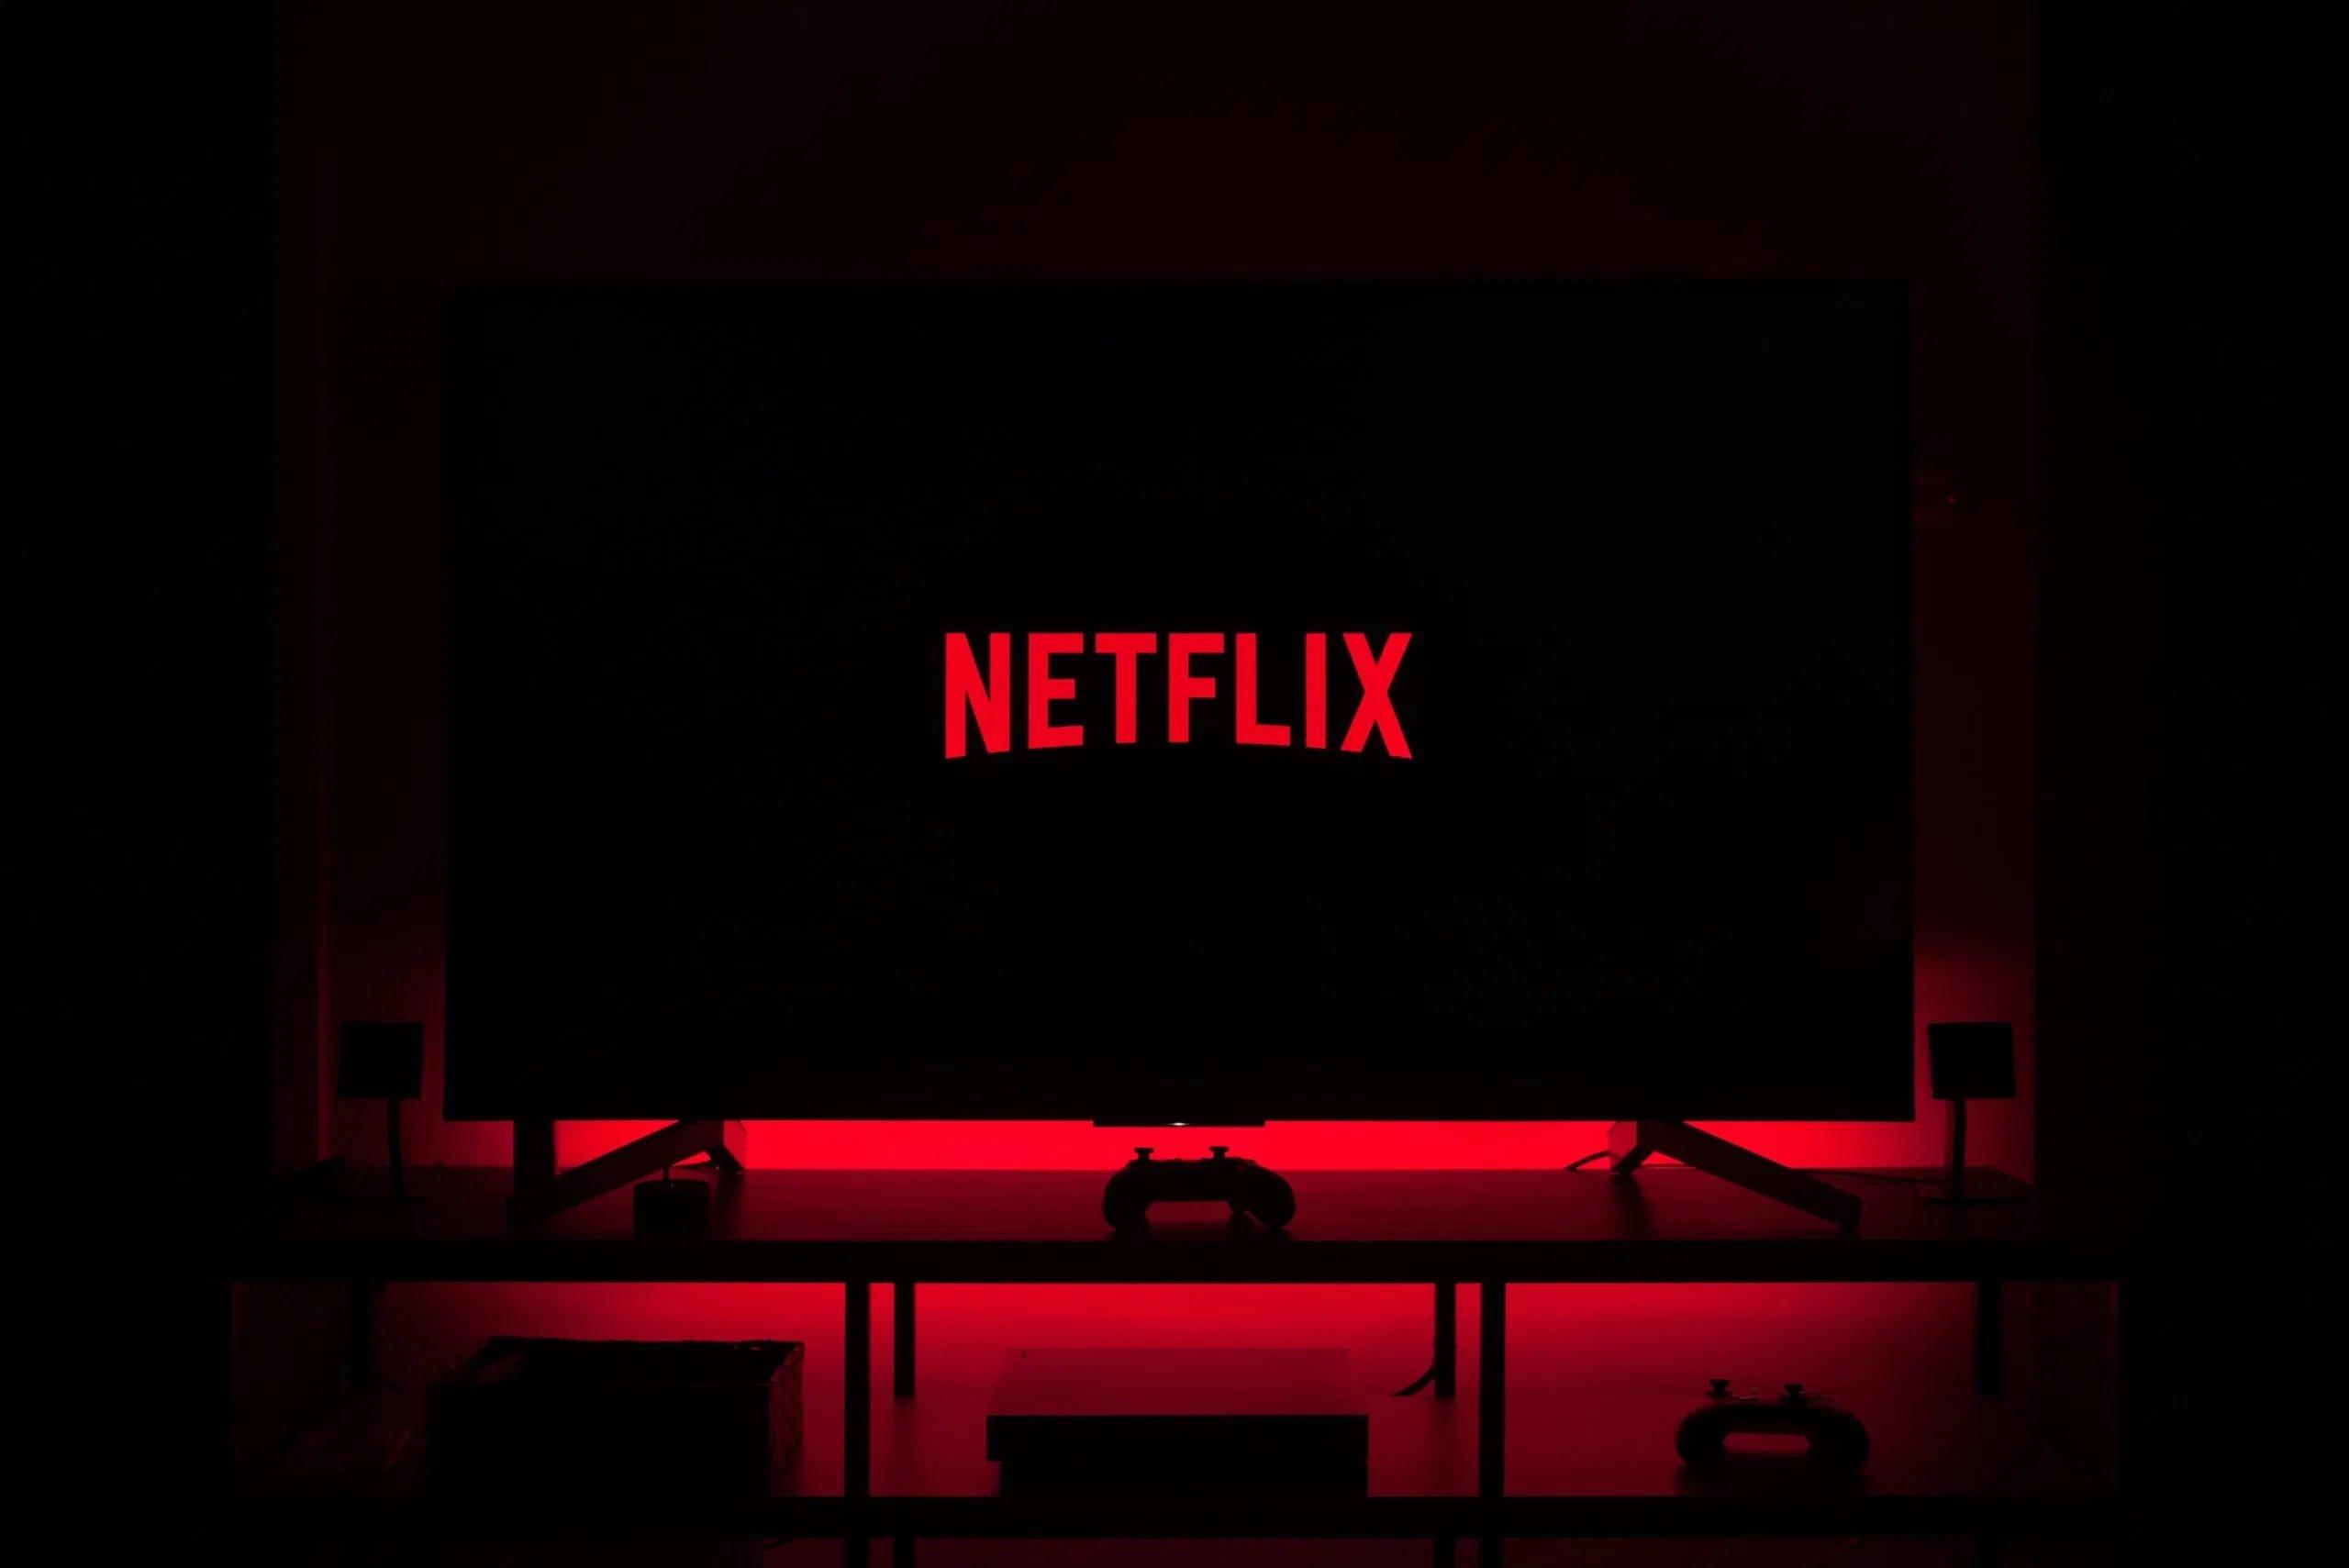 Netflix TV vermelha